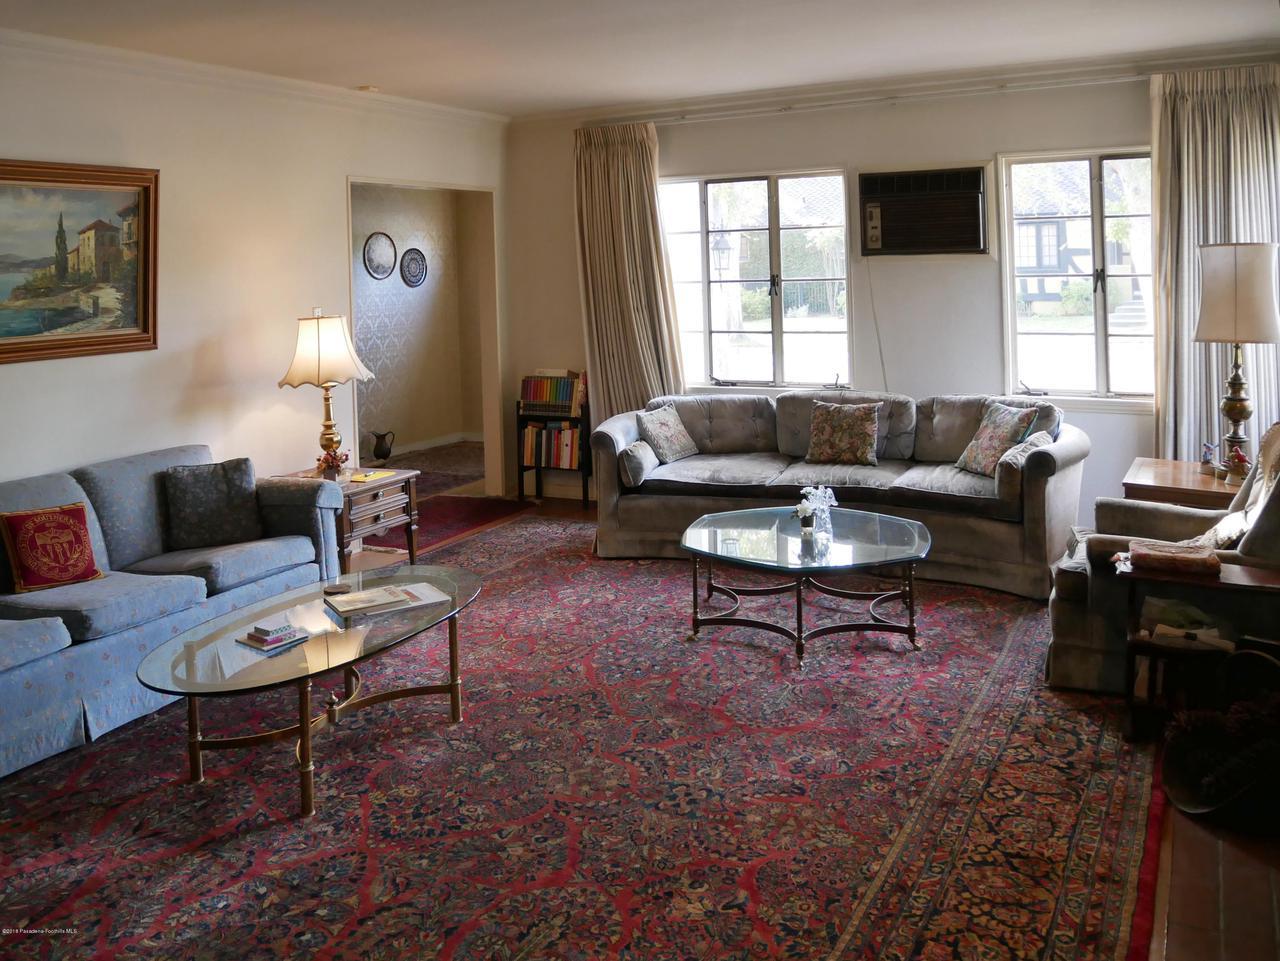 2432 ORANGE GROVE, Pasadena, CA 91104 - Living Room 1